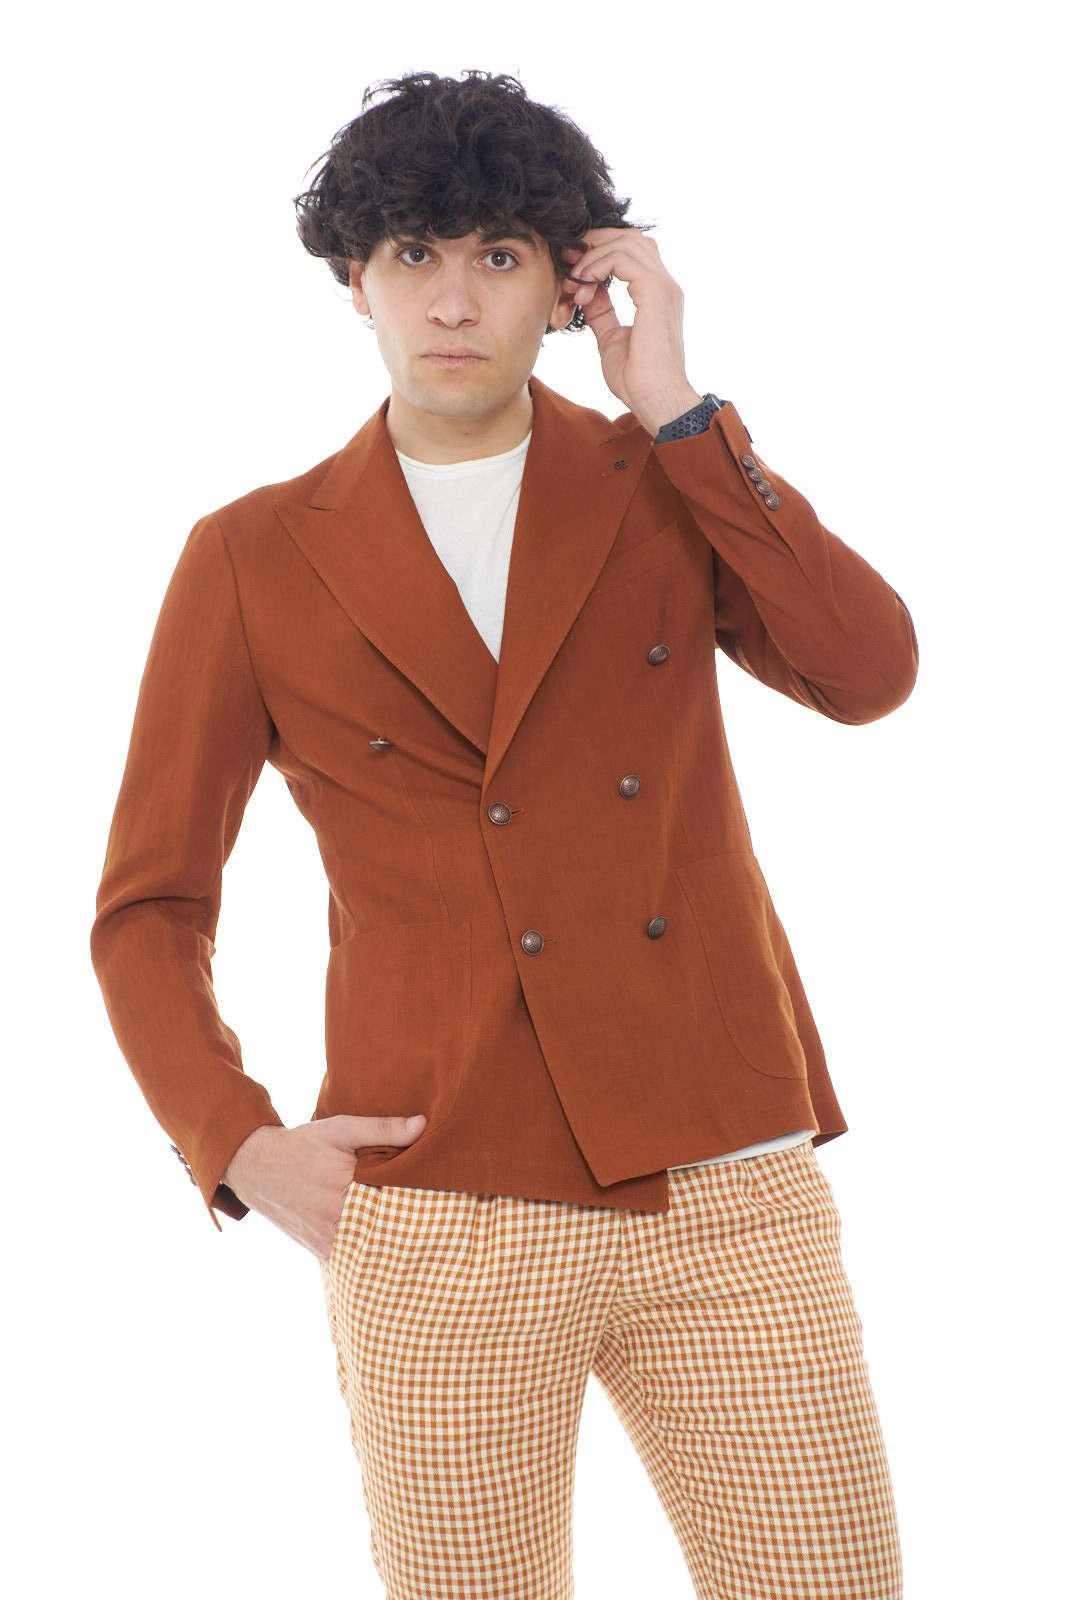 Un capo dell'eleganza classica e senza tempo, firmata Tagliatore. La scelta giusta per le tue occasioni più speciali, dove conquisterai tutti con una giacca in lino e doppiopetto, per uno stile davvero esclusivo. Da indossare con un pantalone, e una stringata elegante, per un outfit senza rivali.